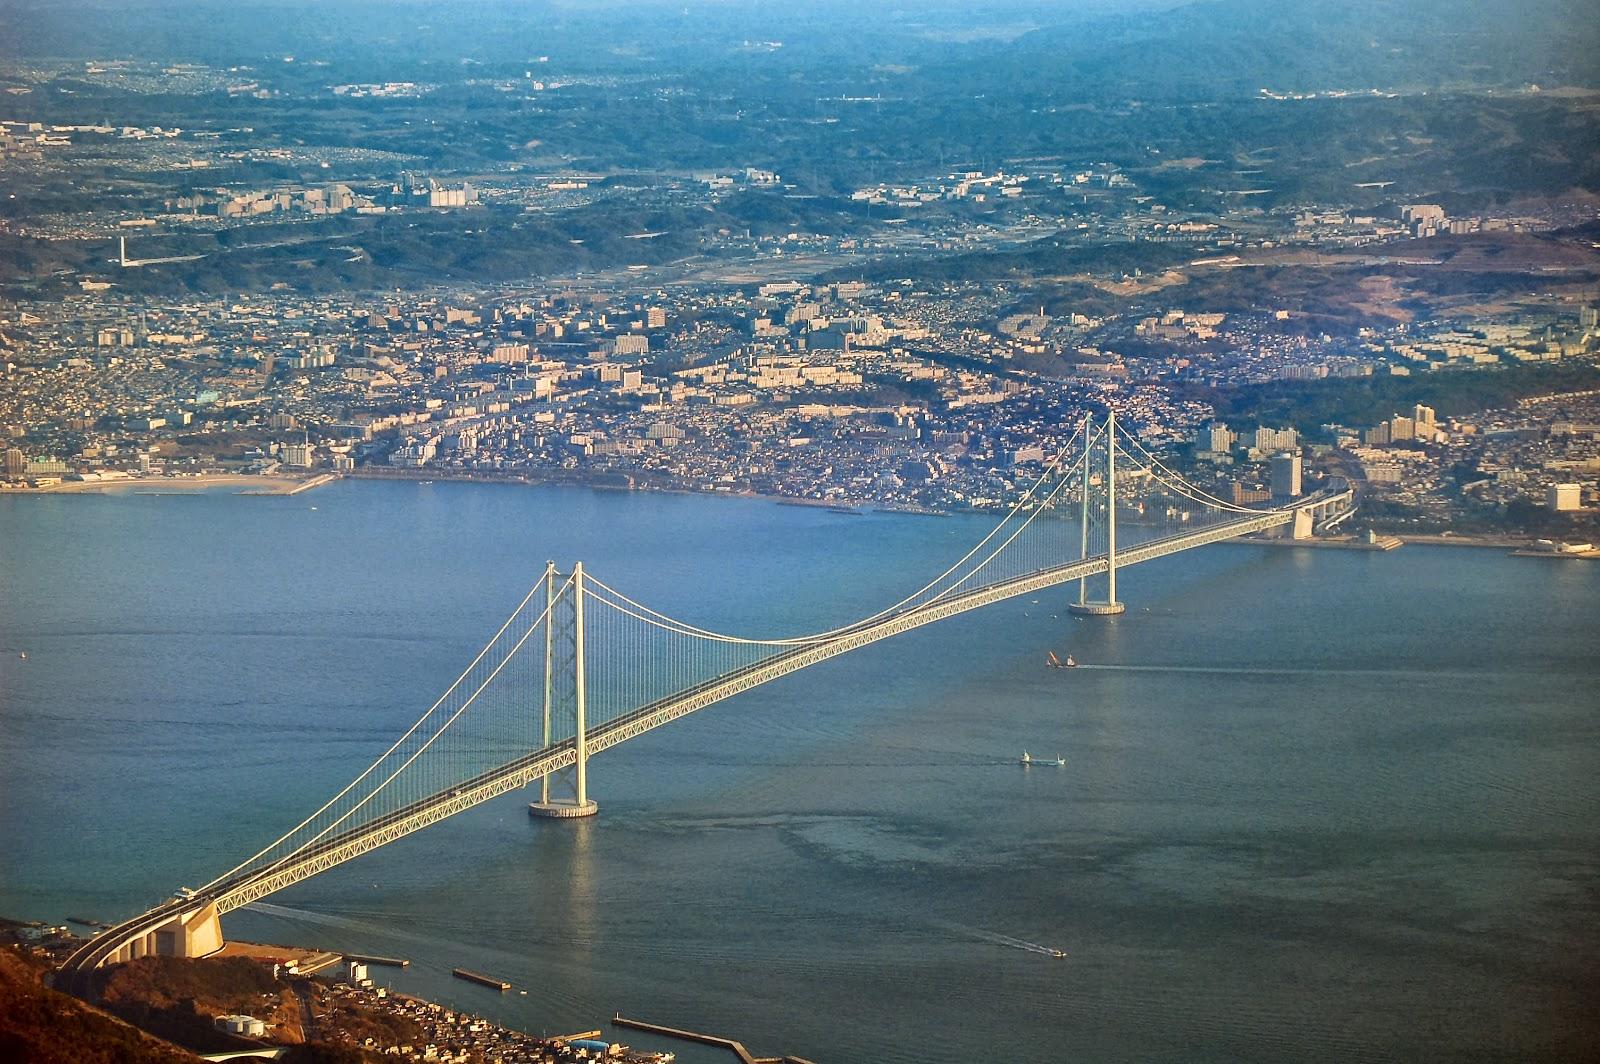 Akashi Kaikyo Bridge image: Wikipedia